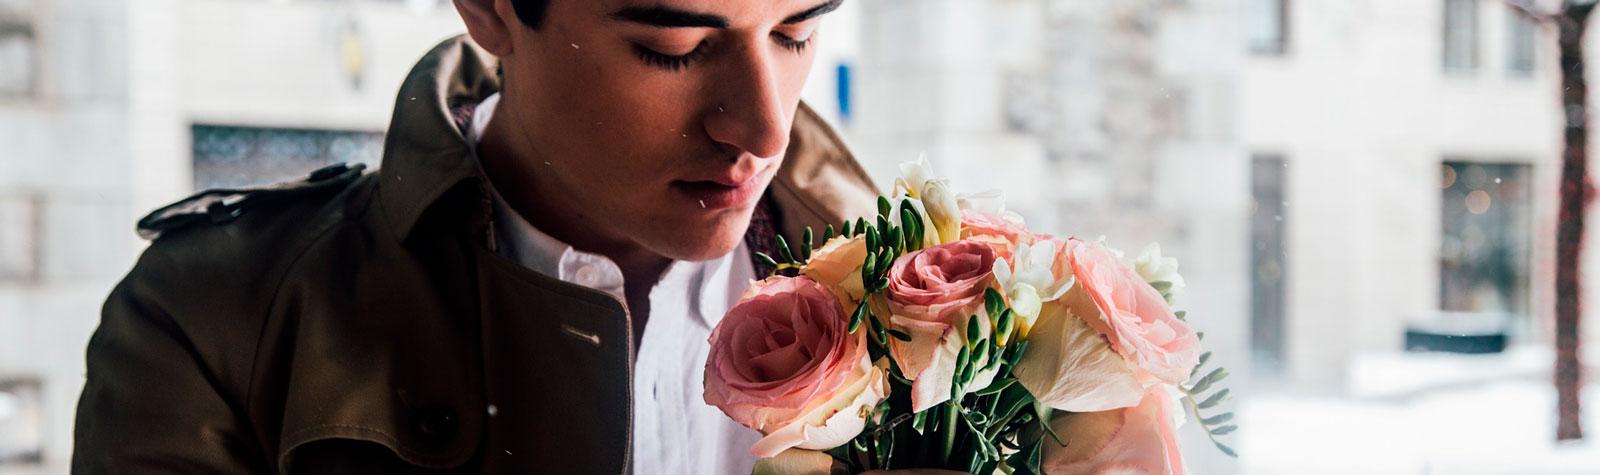 Reglas de protocolo: Regalar flores